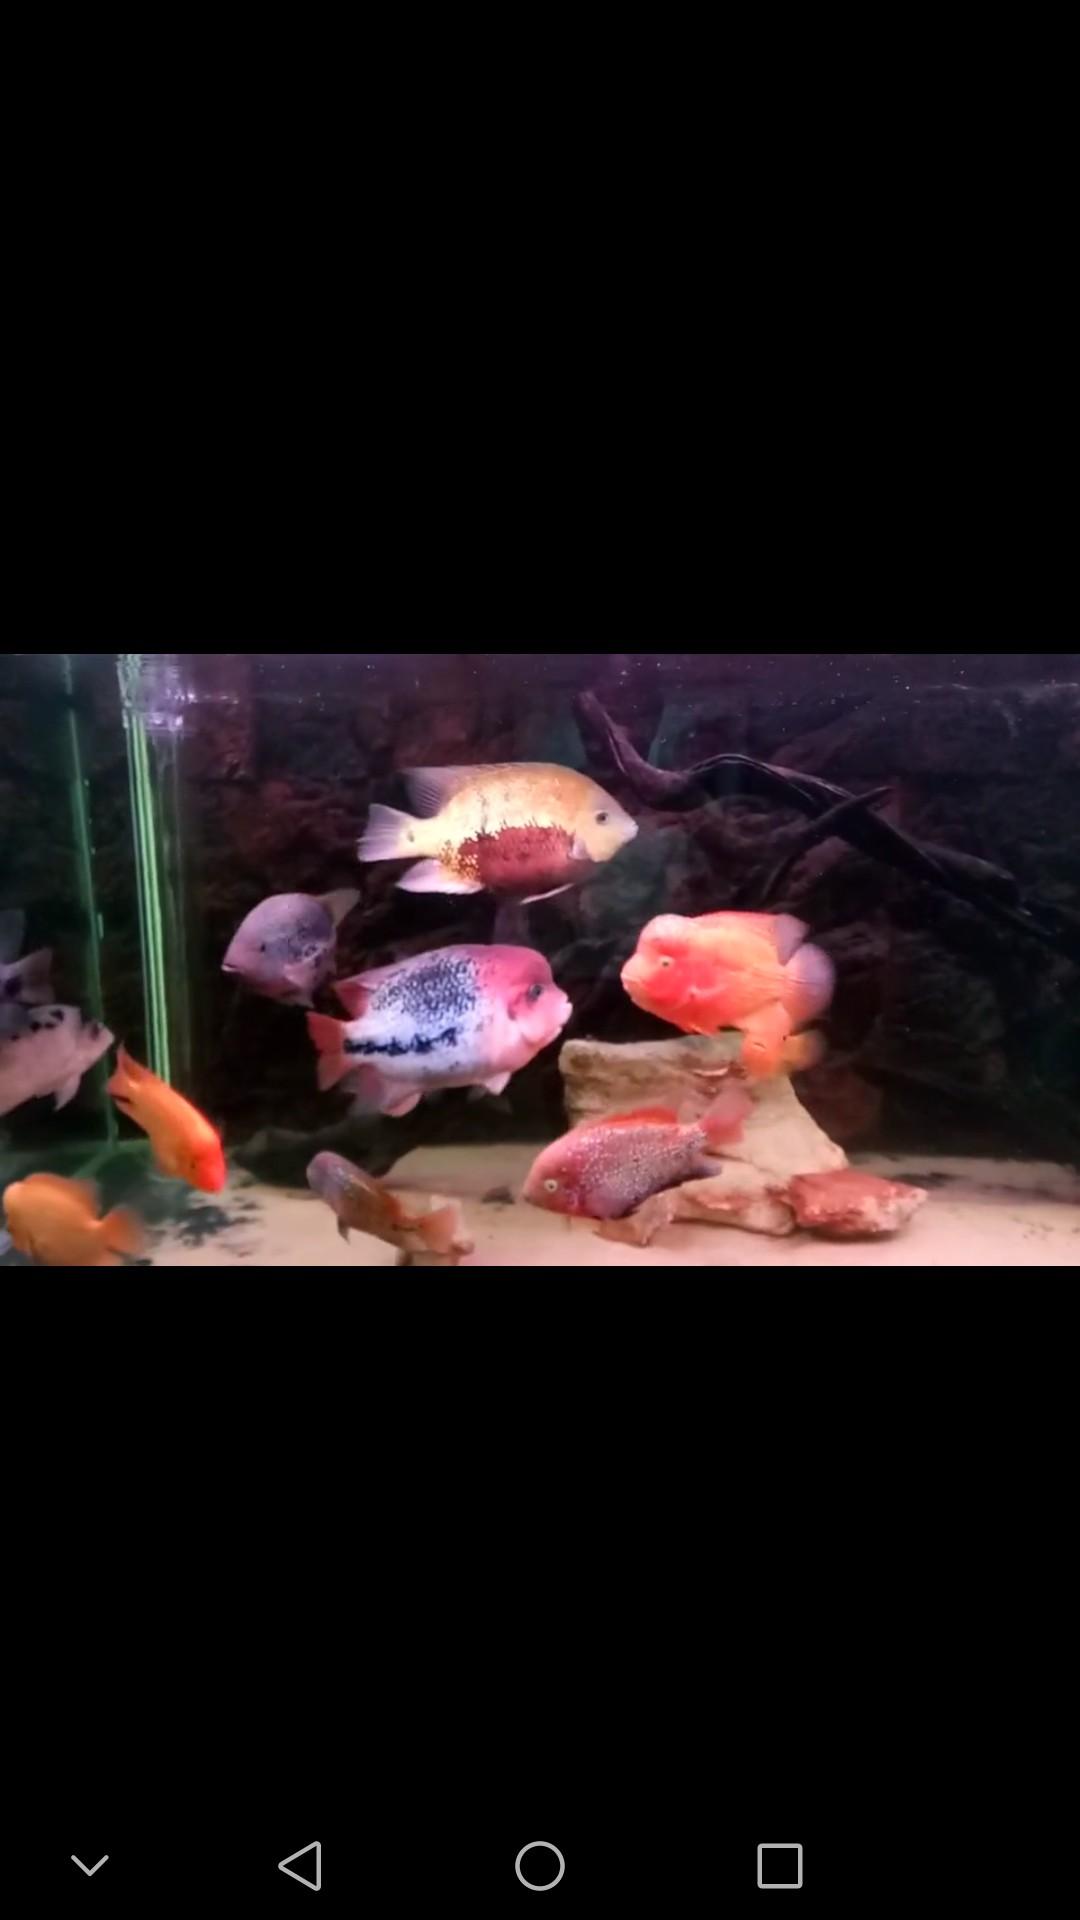 西安布隆迪六间鱼鱼友的 西安观赏鱼信息 西安博特第1张